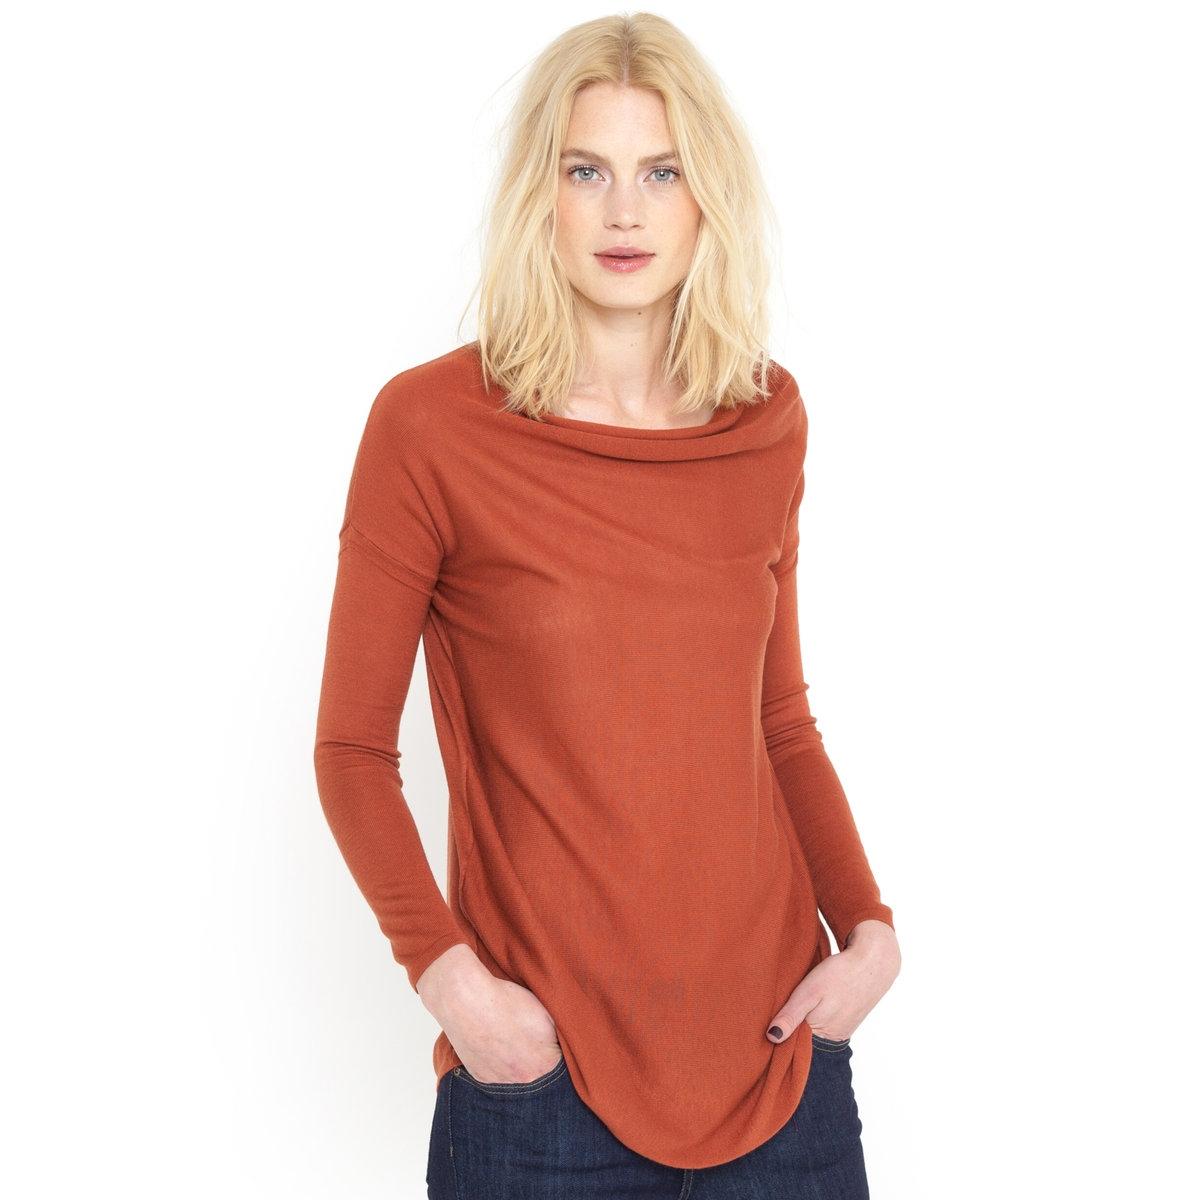 Пуловер с драпировкой на вырезе<br><br>Цвет: розовый,темно-оранжевый,черный<br>Размер: 46/48 (FR) - 52/54 (RUS).50/52 (FR) - 56/58 (RUS).38/40 (FR) - 44/46 (RUS)